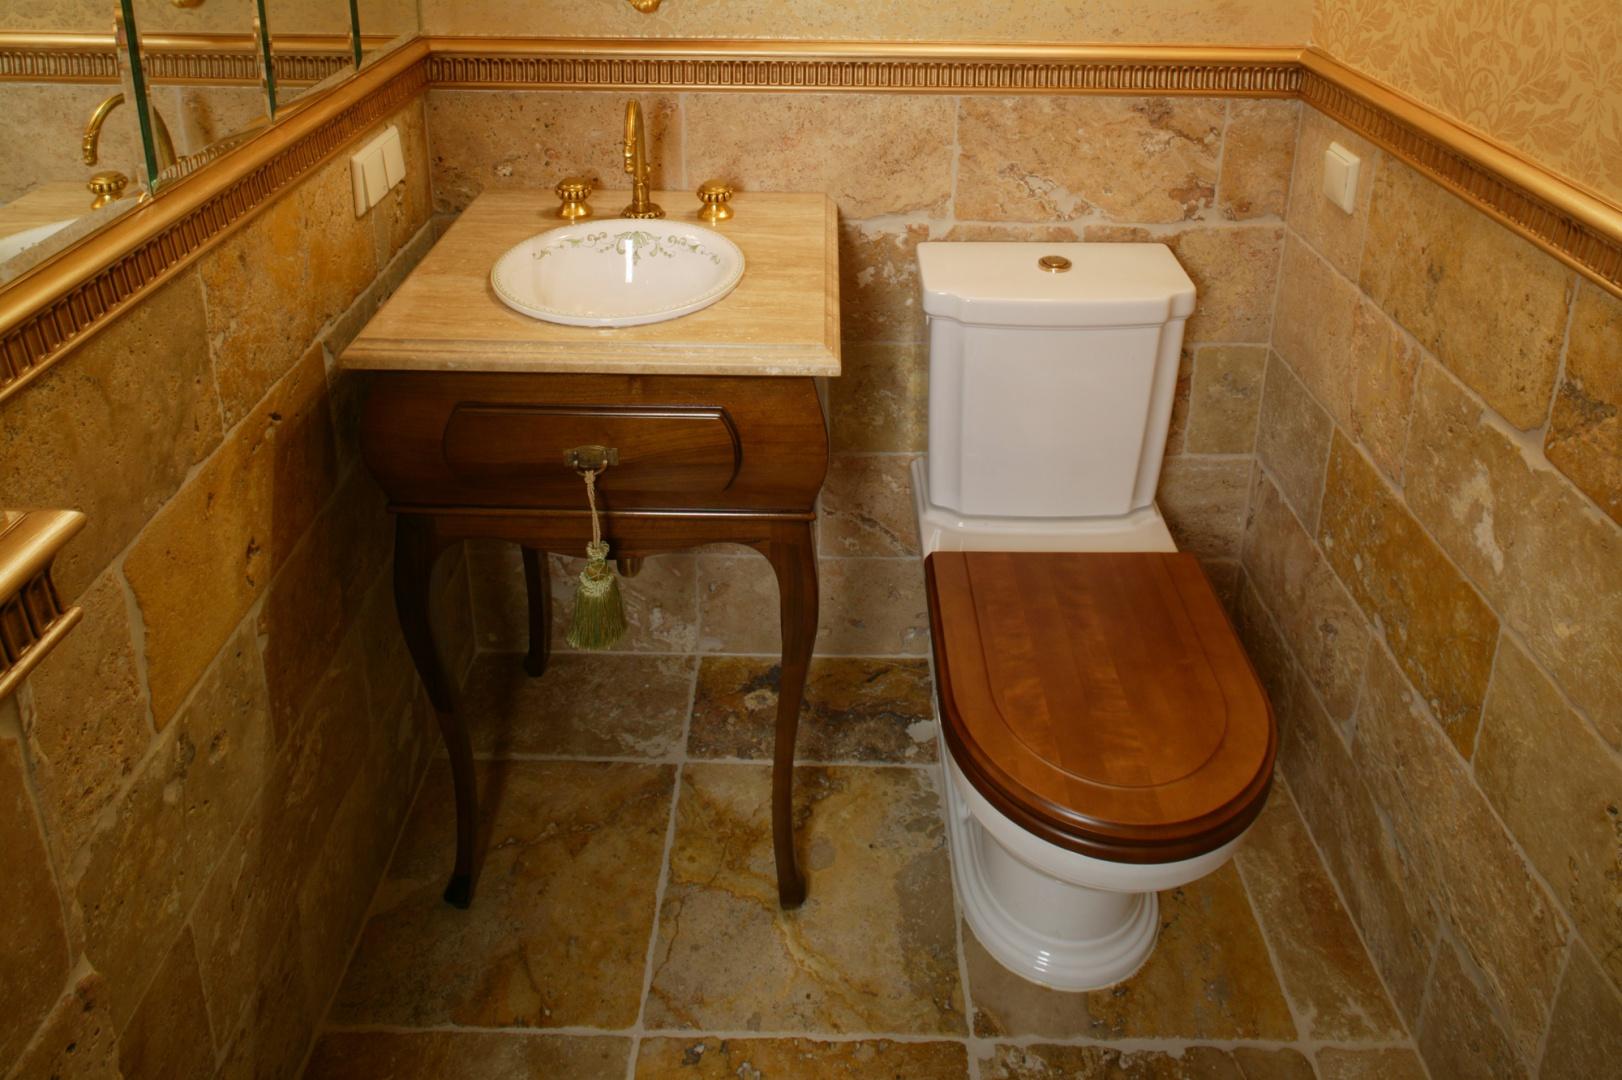 W gościnnej łazience zmieściły się tylko umywalka i sedes. Wystrój nawiązuje do francuskiego baroku, stylu w którym jest urządzona cała rezydencja. Fot. Monika Filipiuk.